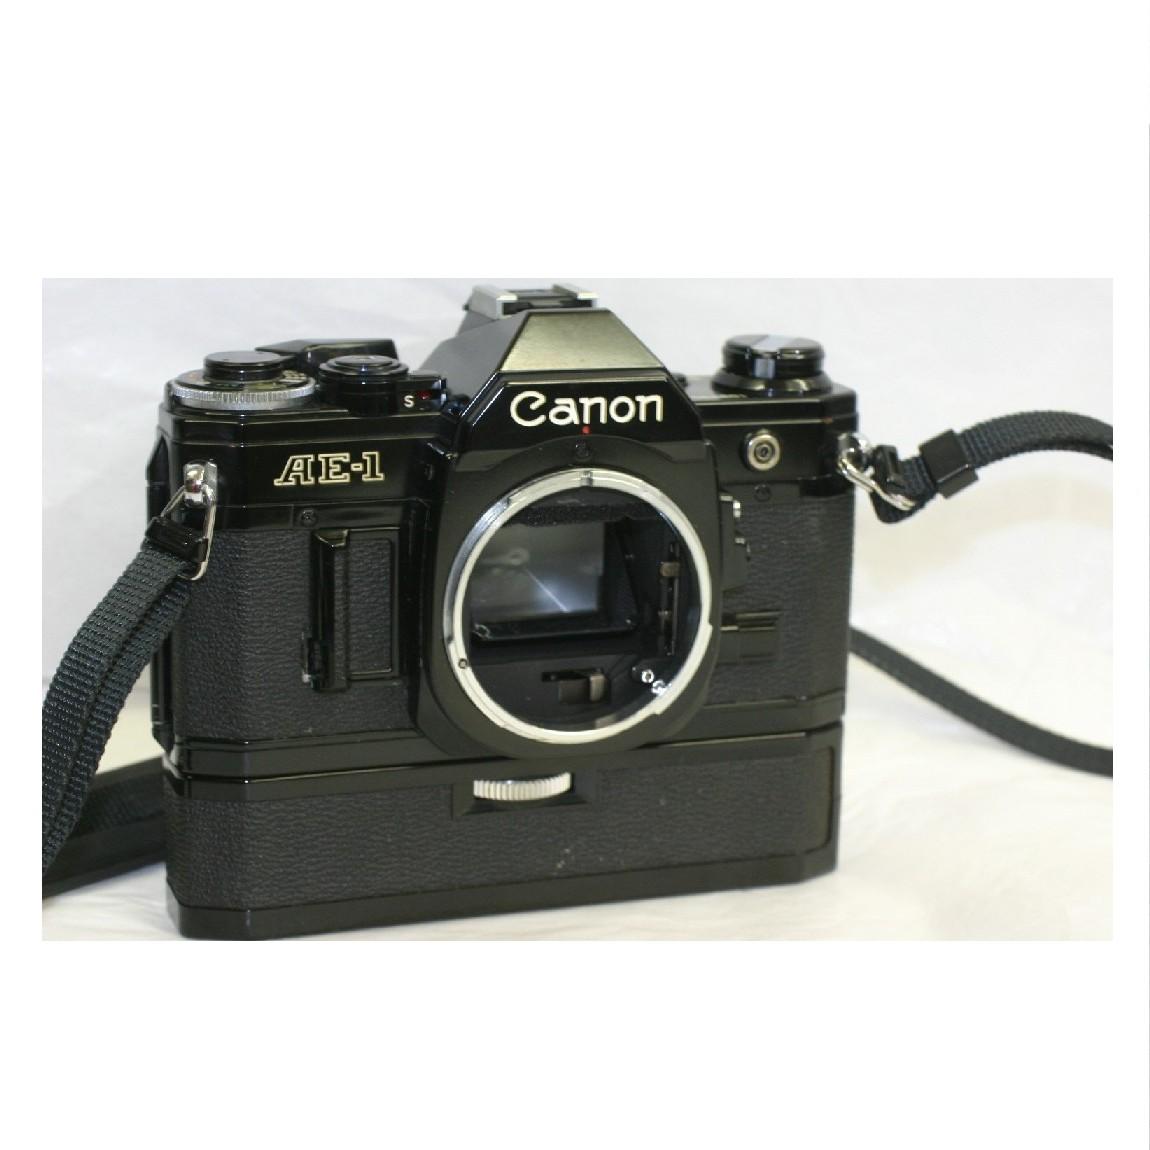 【中古】完動美品キャノン35mmフィルム仕様黒ボディマニュアルカメラAE-1に純正パワーワインダーA保障つき 290712-3